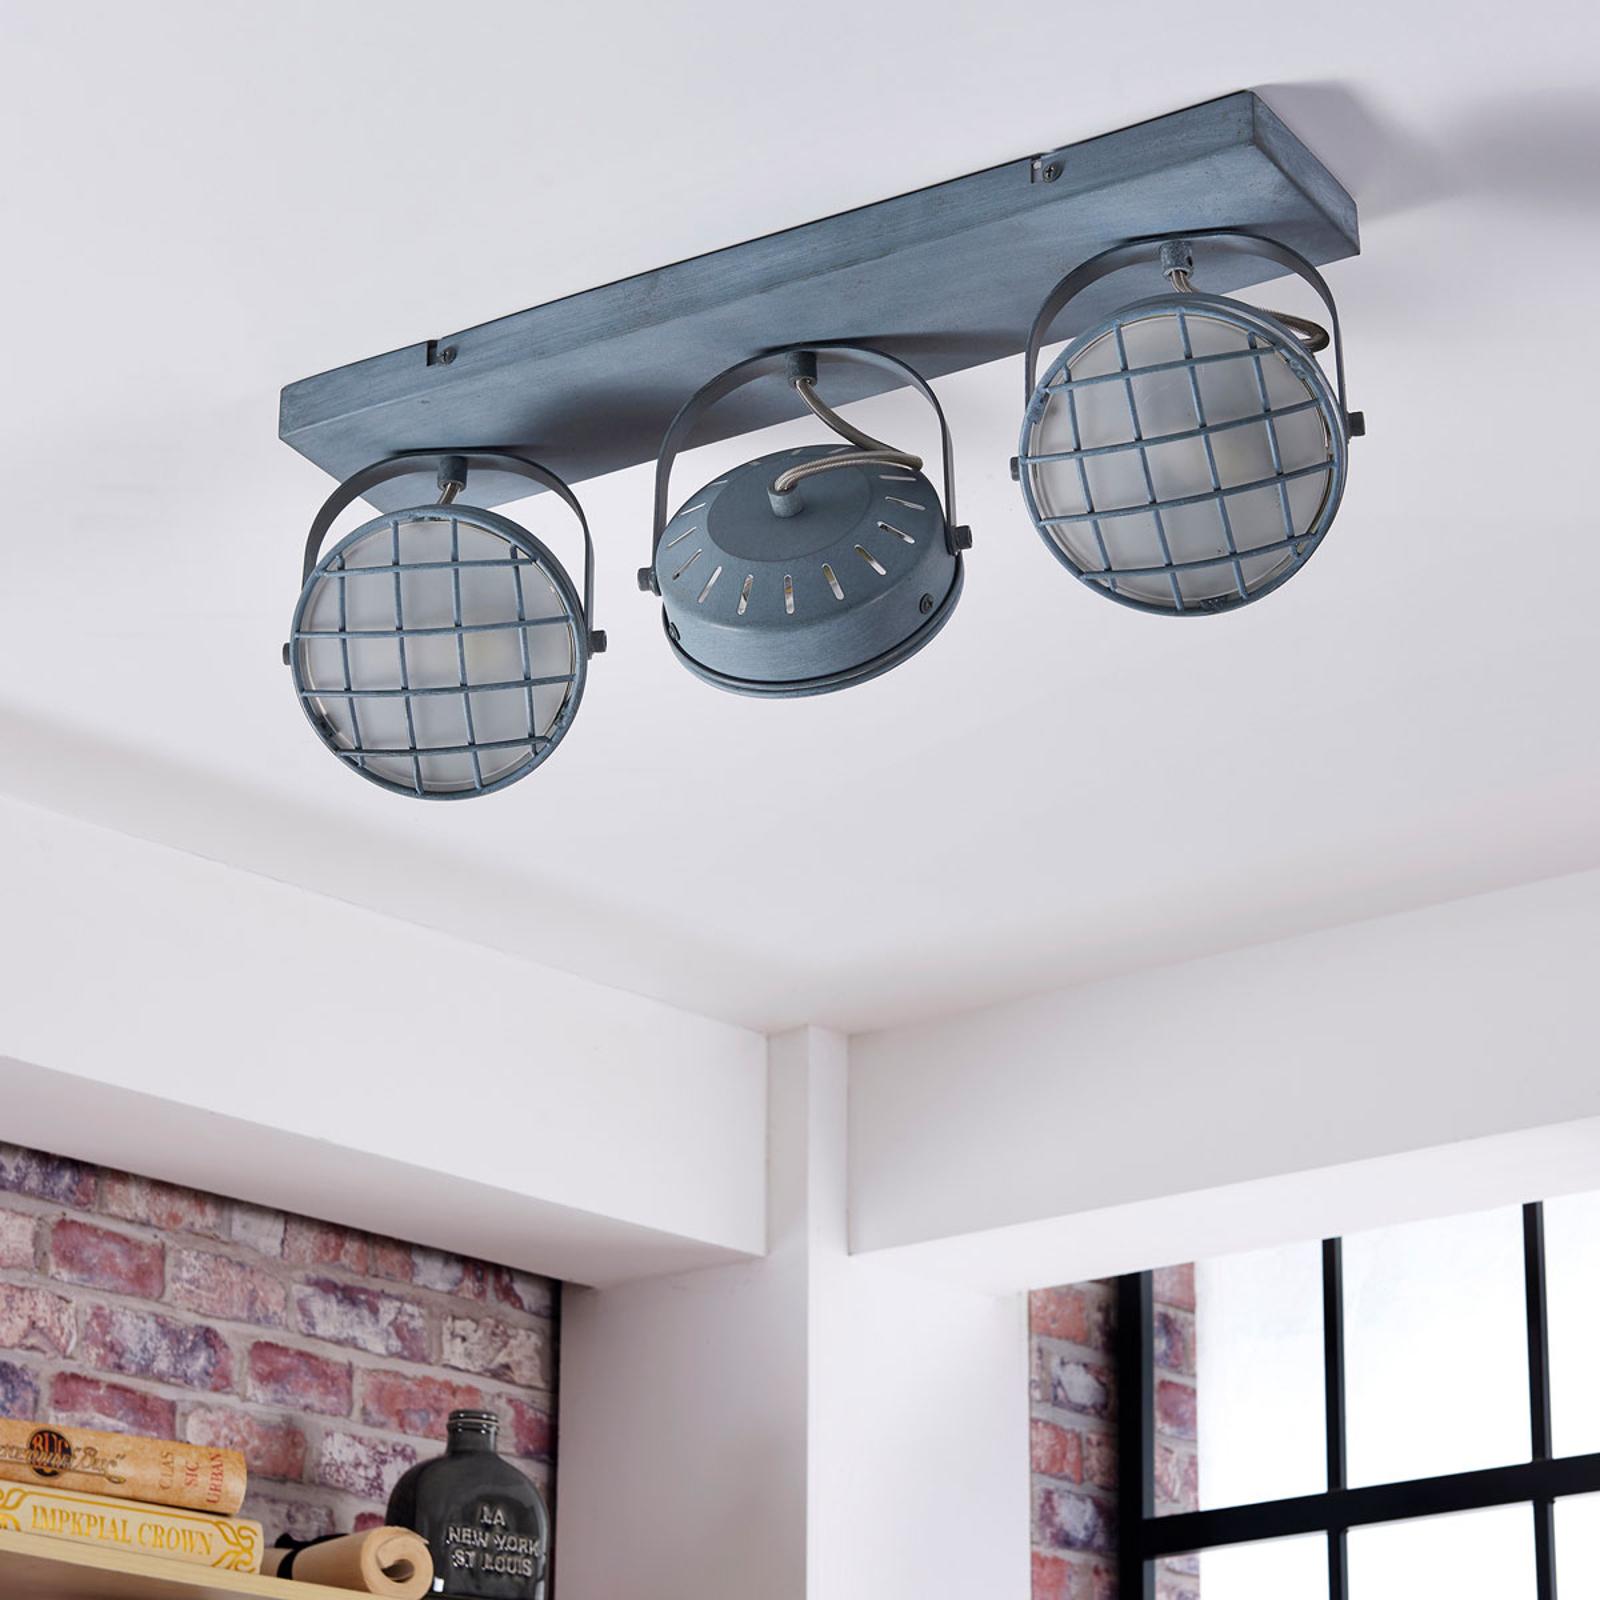 Tamin graue LED Deckenleuchte im Industriestil